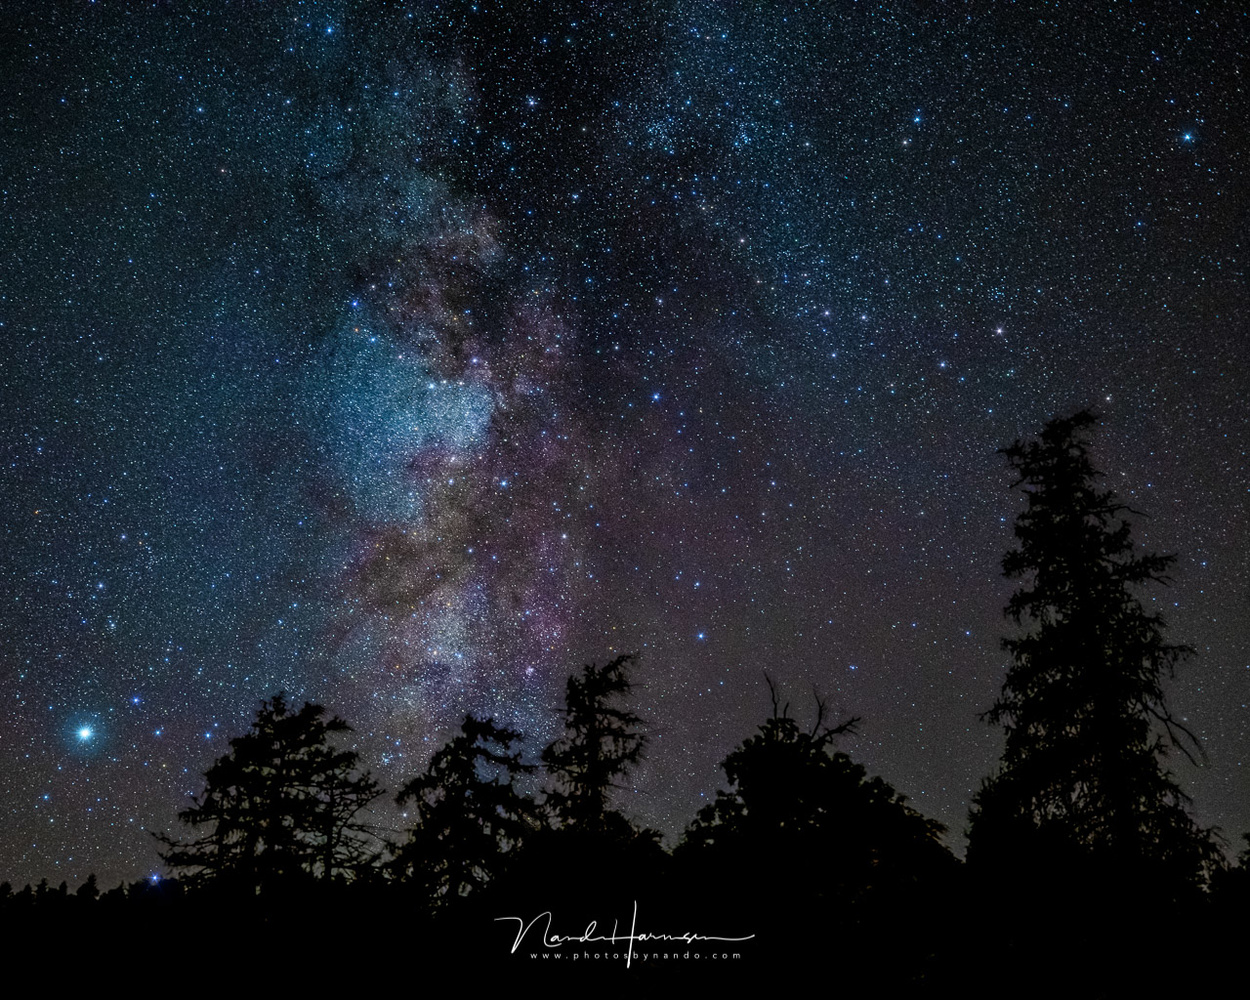 Milky Way by Nando Harmsen